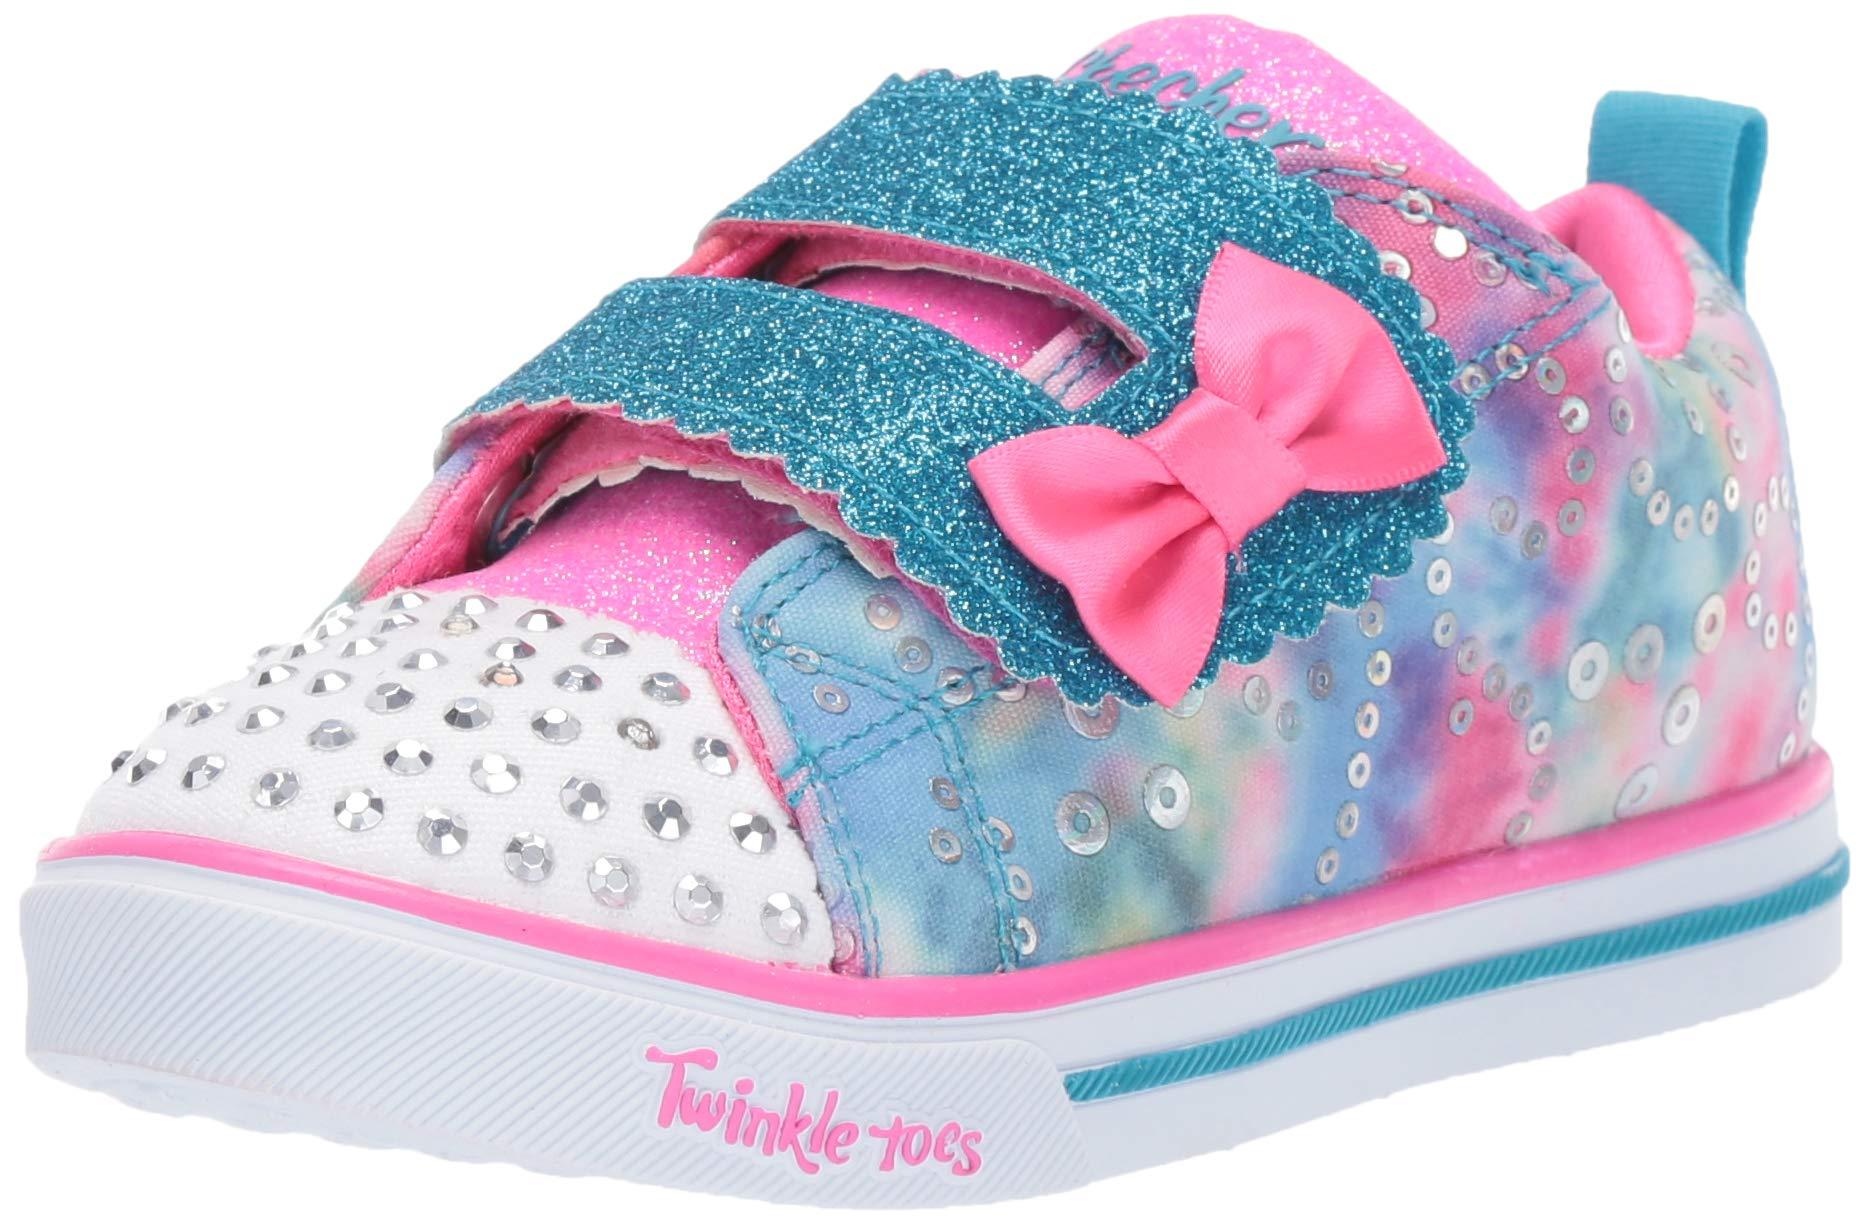 Skechers Kids Girls' Sparkle LITE-Rainbow Cuties Sneaker, Multi, 10 Medium US Toddler by Skechers